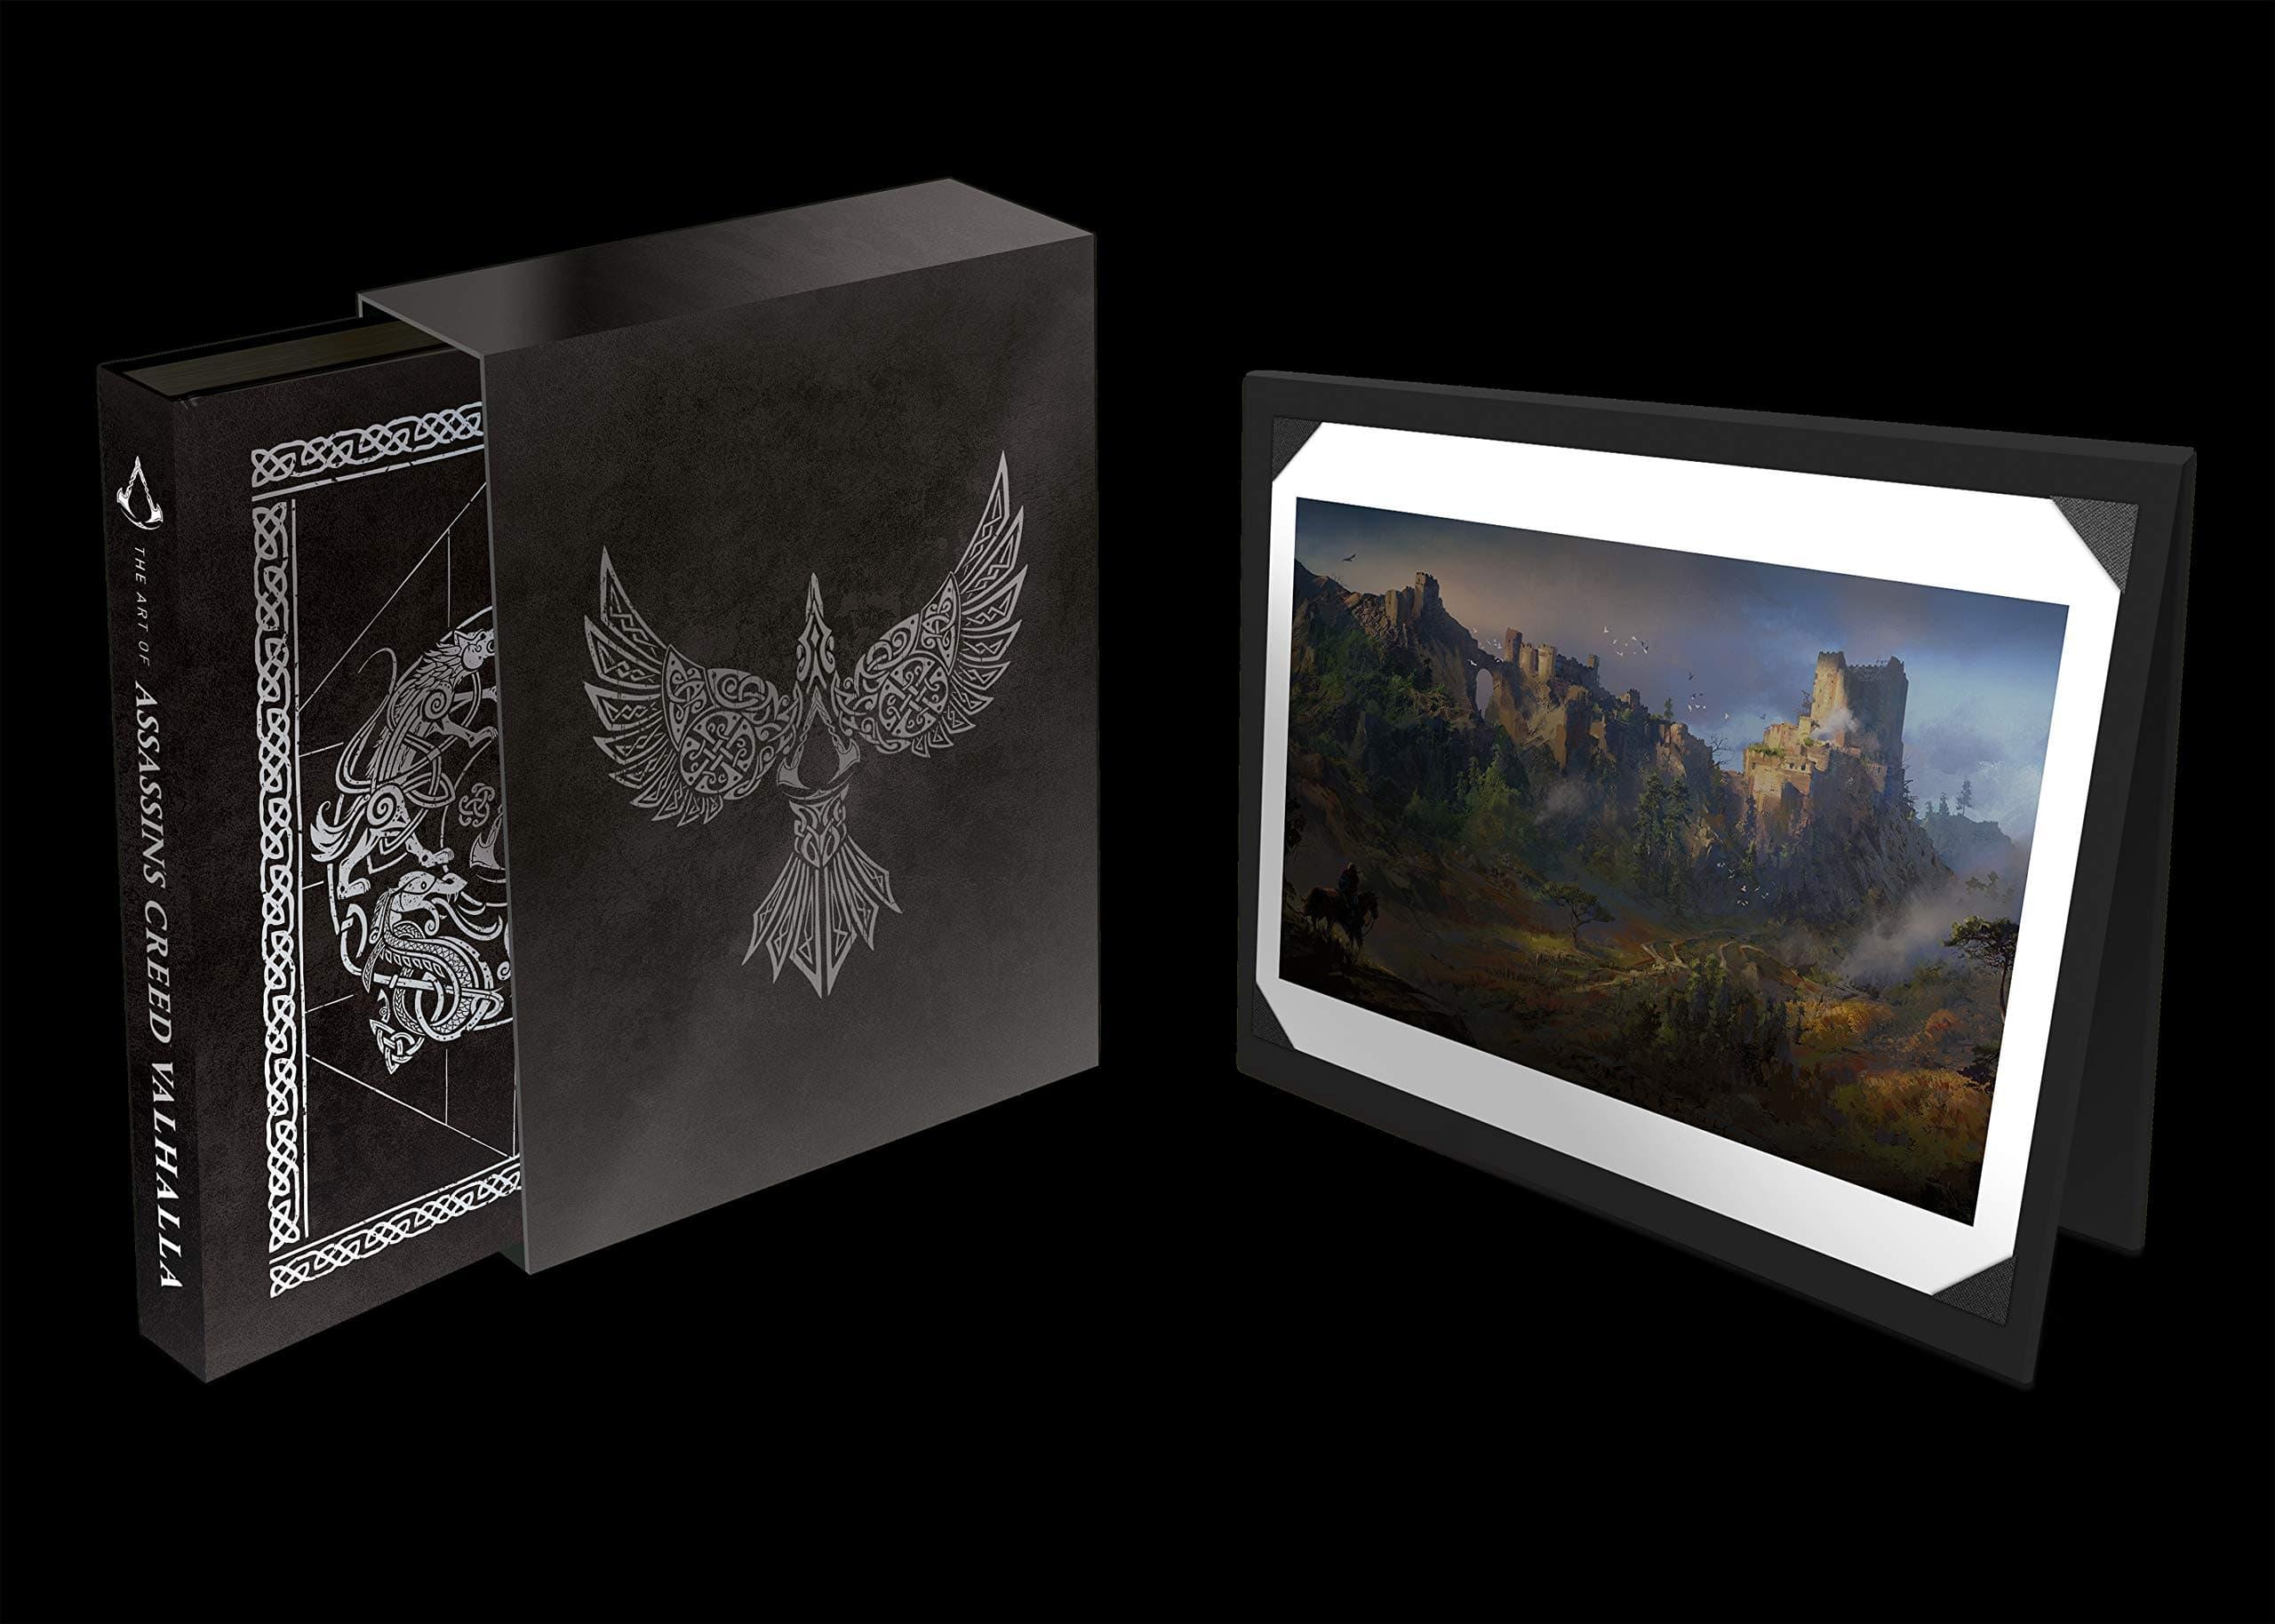 Presentado el espectacular libro de arte de Assassin's Creed Valhalla 1